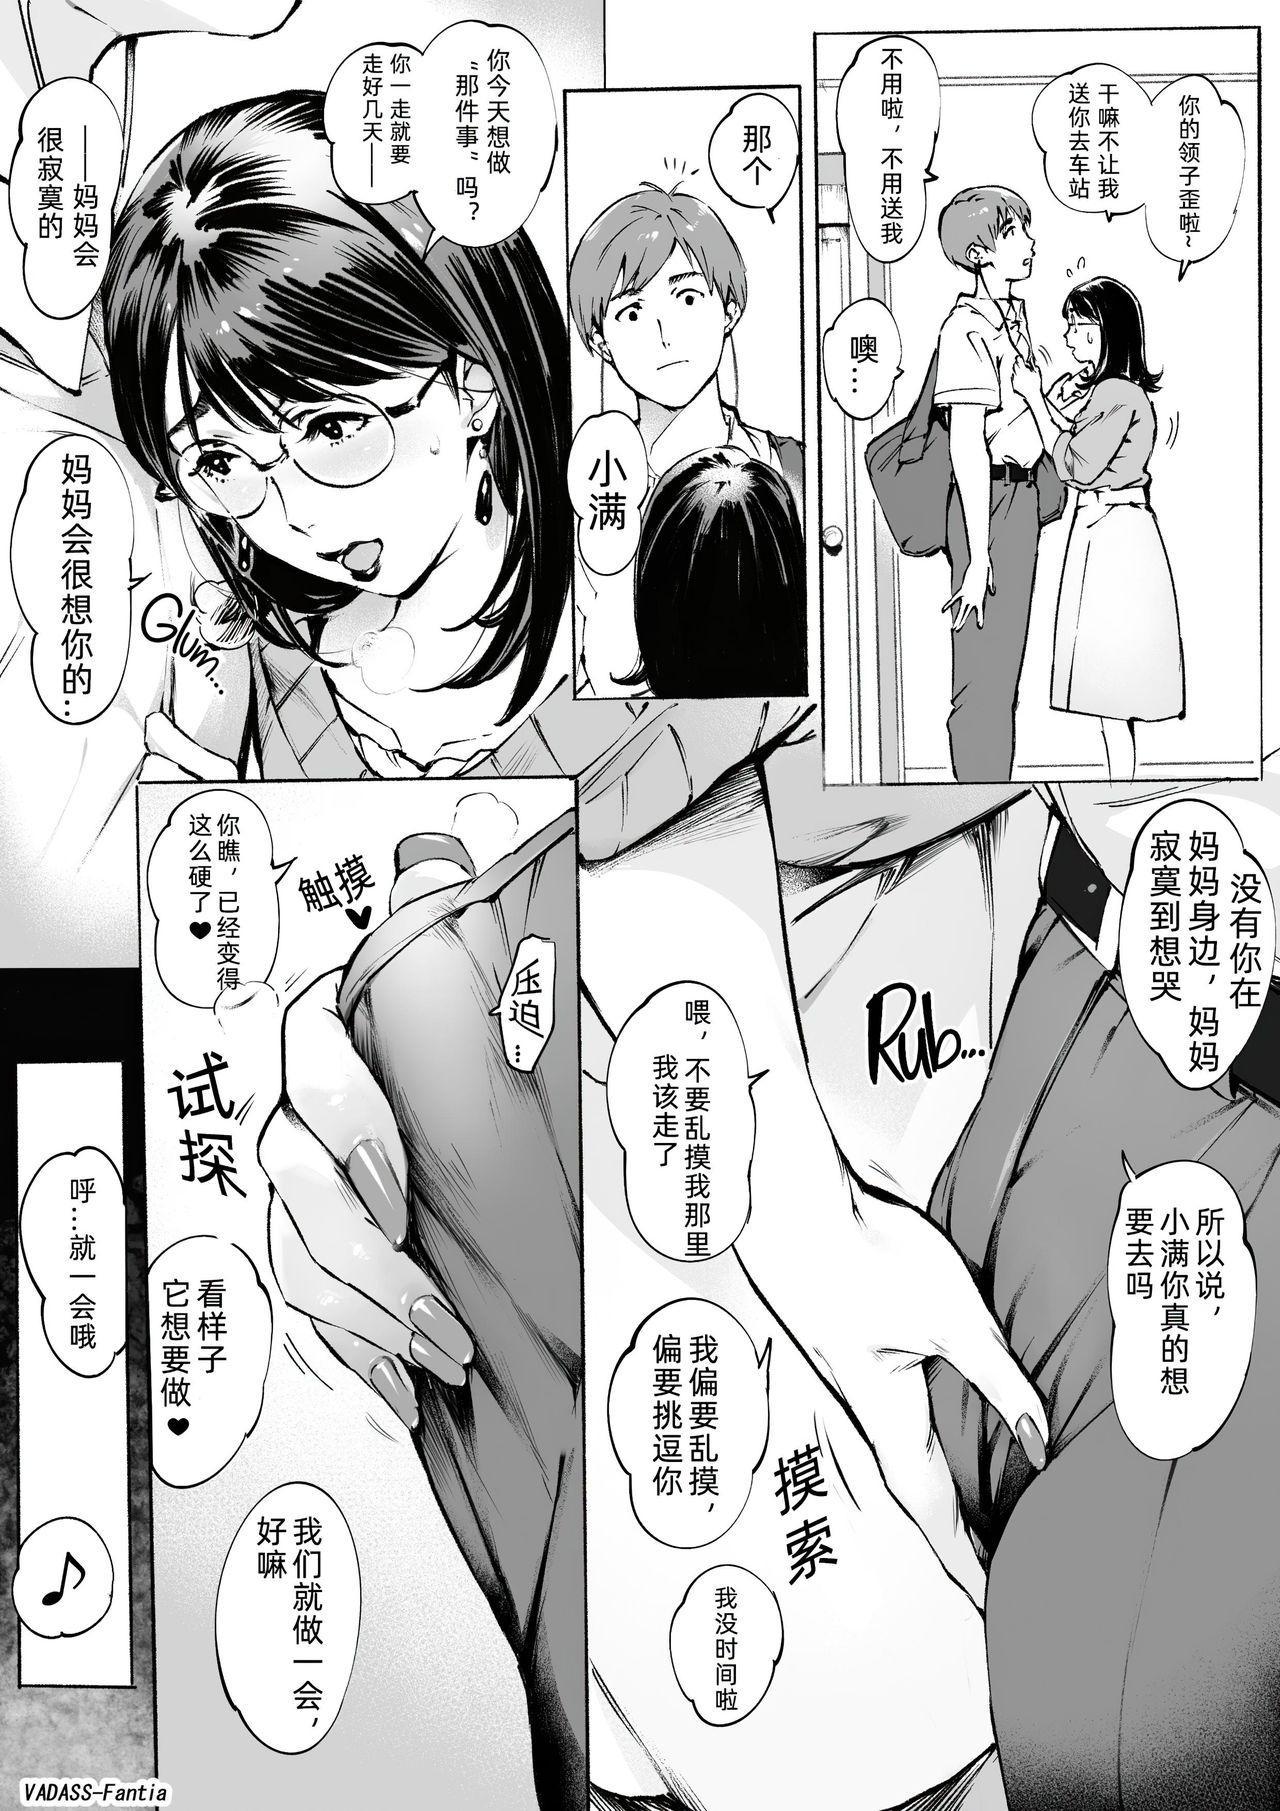 人妻かなえさん fanita 短篇漫合集 7